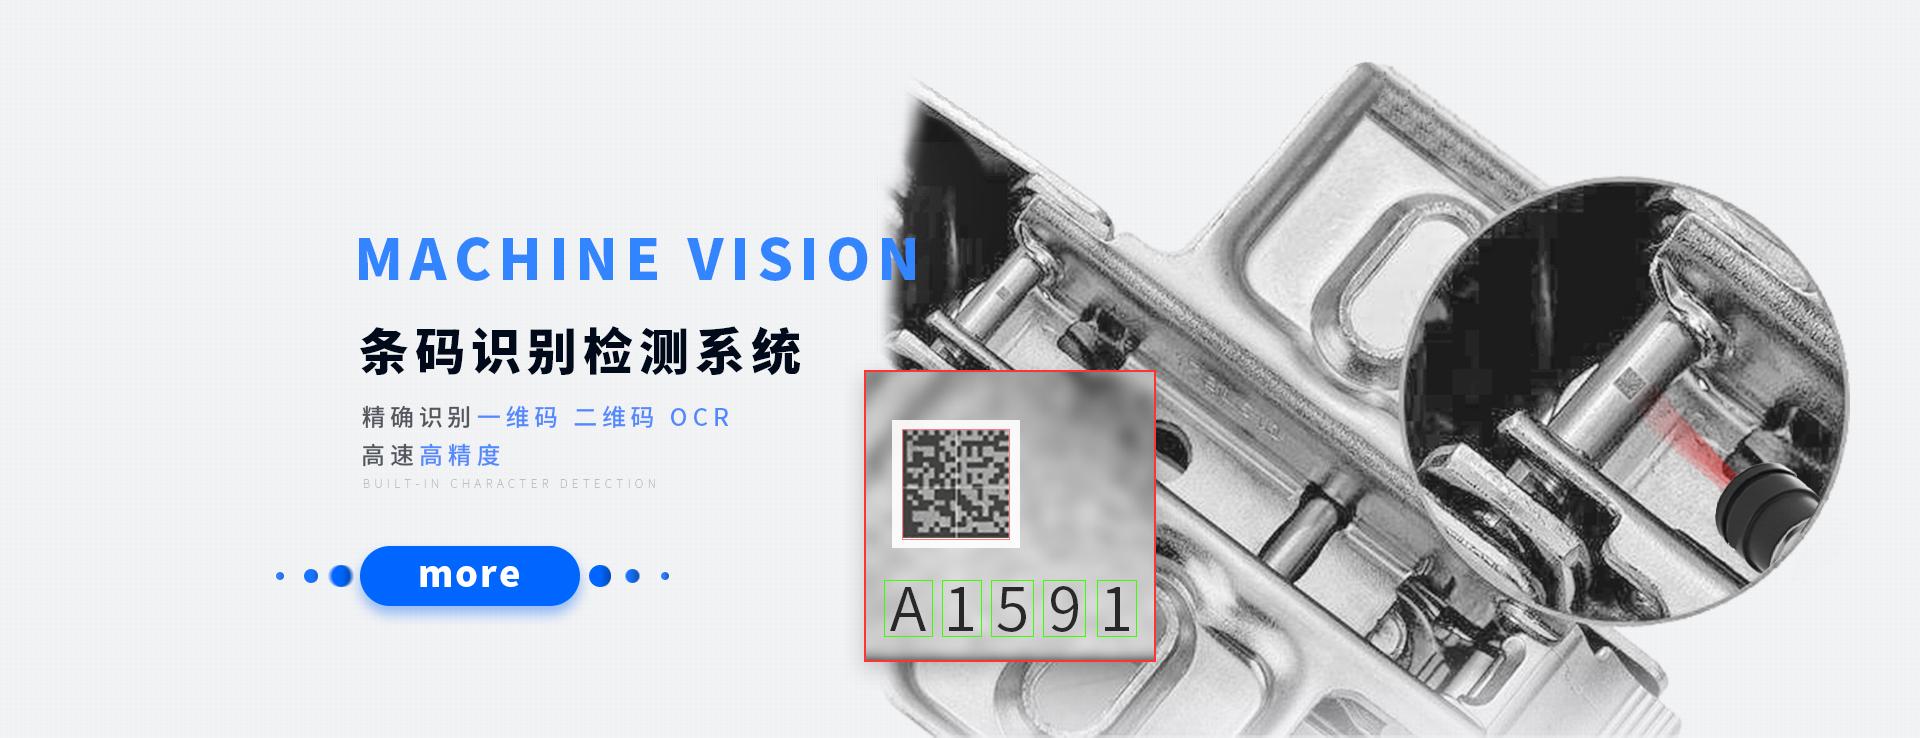 机器视觉软件公司